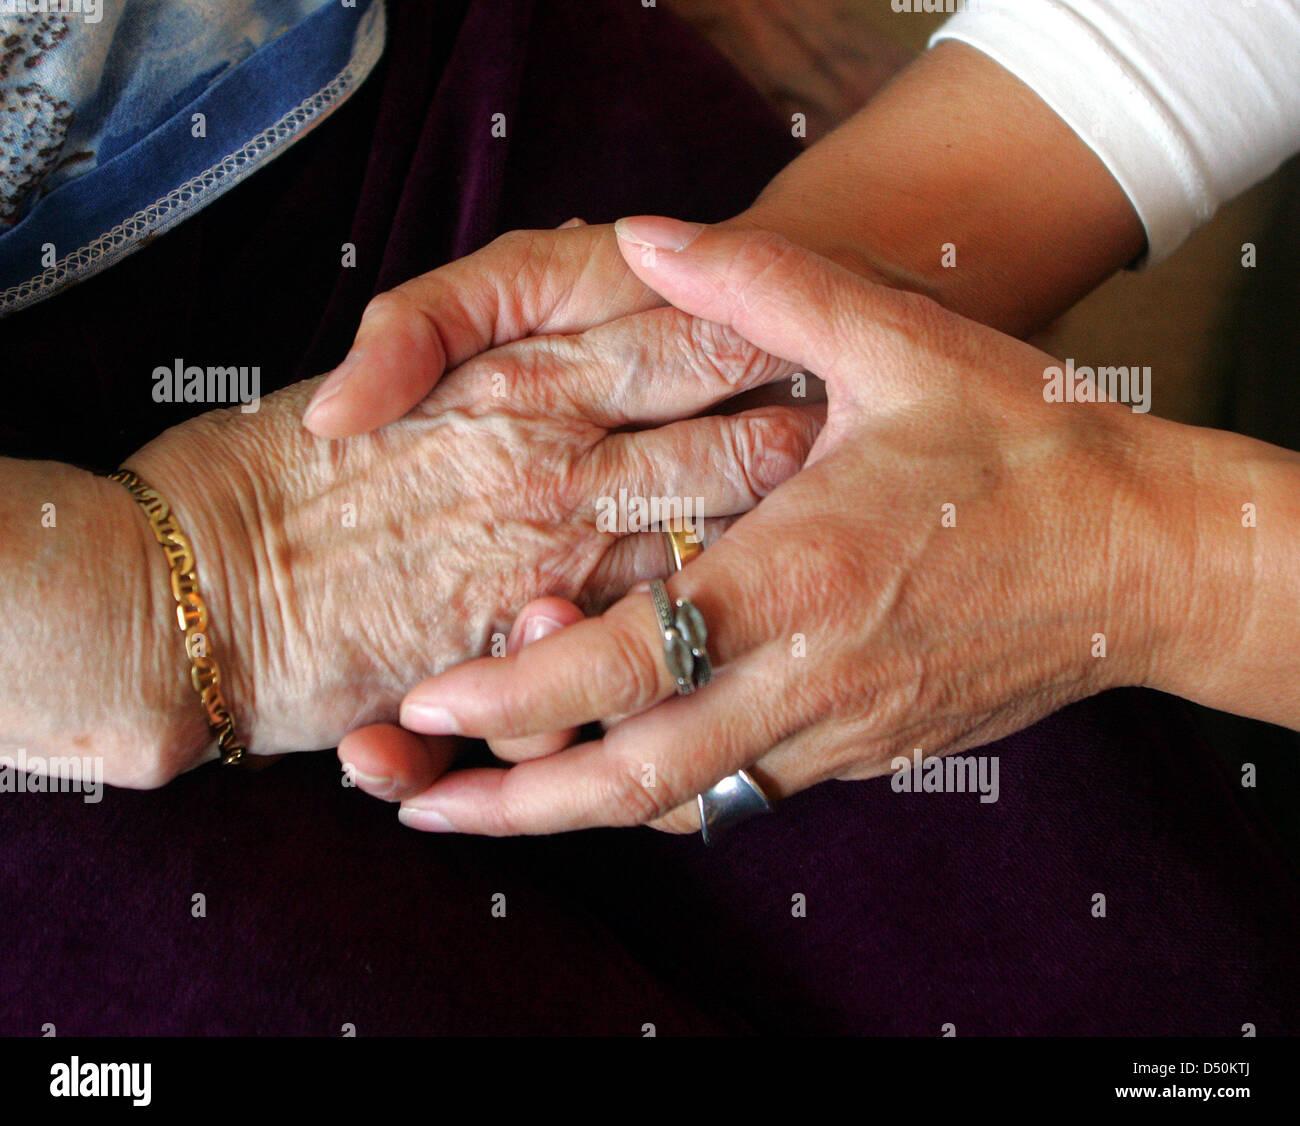 Datierung 50 Jahre alte Frau